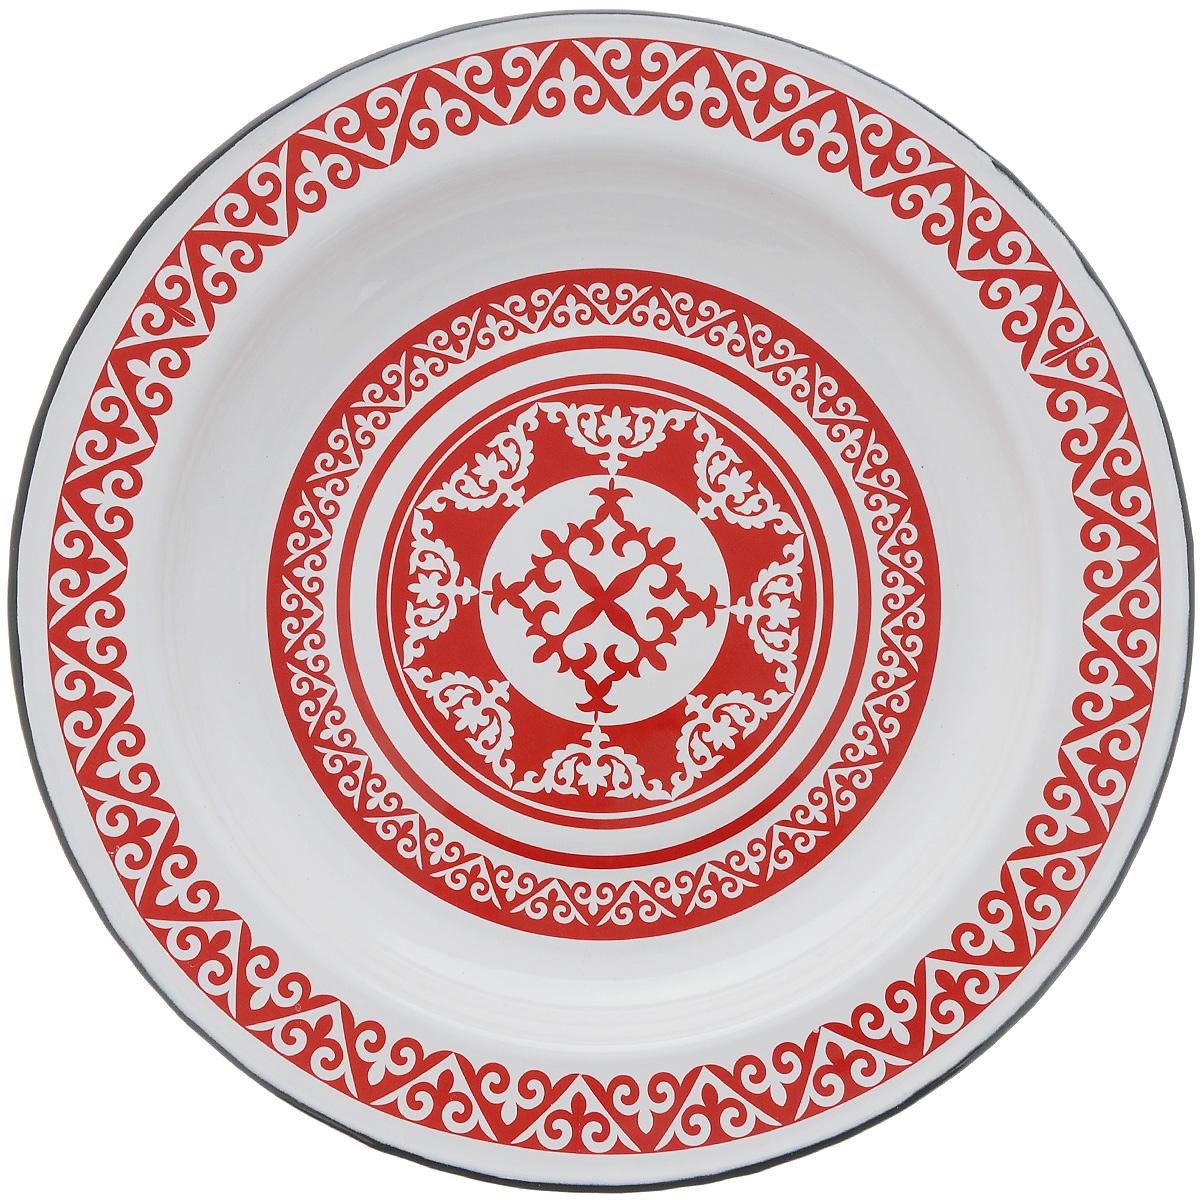 Блюдо СтальЭмаль Айша, диаметр 35,5 см1с6с/КОригинальное СтальЭмаль Айша, изготовленное из эмалированной, прекрасно подойдет для подачи нарезок, закусок и других блюд. Блюдо декорировано красивым узором. Оно украсит ваш кухонный стол, а также станет замечательным подарком к любому празднику. Диаметр блюда: 35,5 см. Высота стенки: 3,5 см.